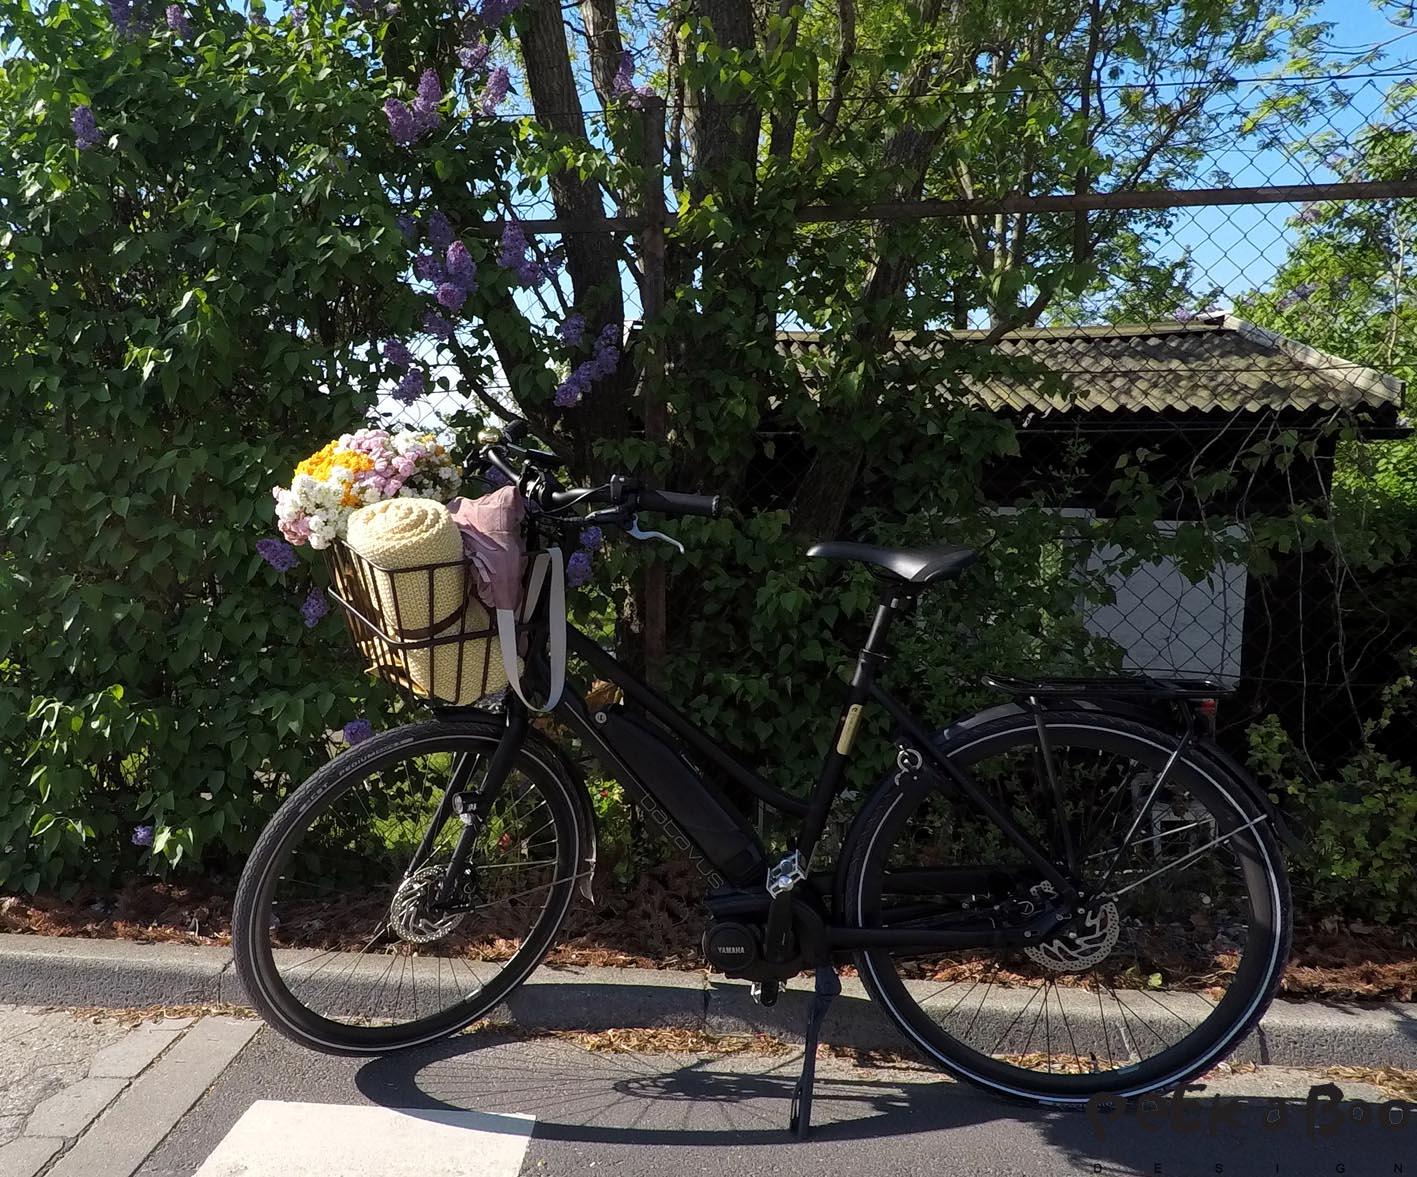 Harlem E-go fra Batavus giver dig god samvittighed, når du bruger den som transportmiddel istedet for enhver form for motoriseret køretøj, der altid vil være en belastning for miljøet.